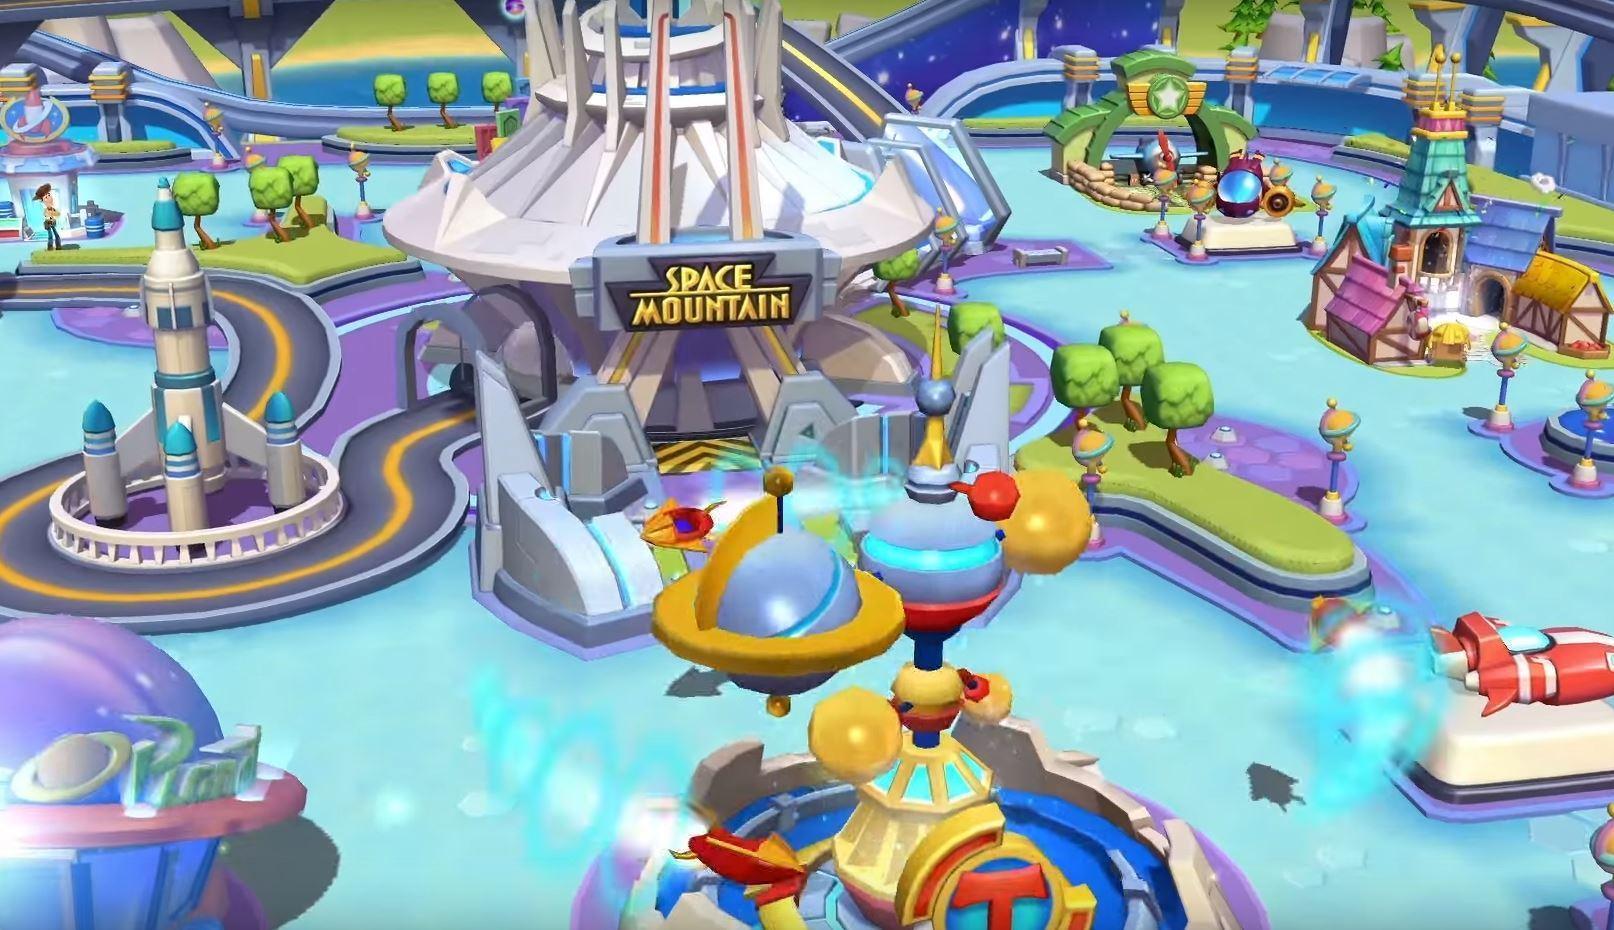 Les Meilleurs Jeux Pour Smartphones Et Tablettes Android destiné Jeux Gratuit Enfant 3 Ans